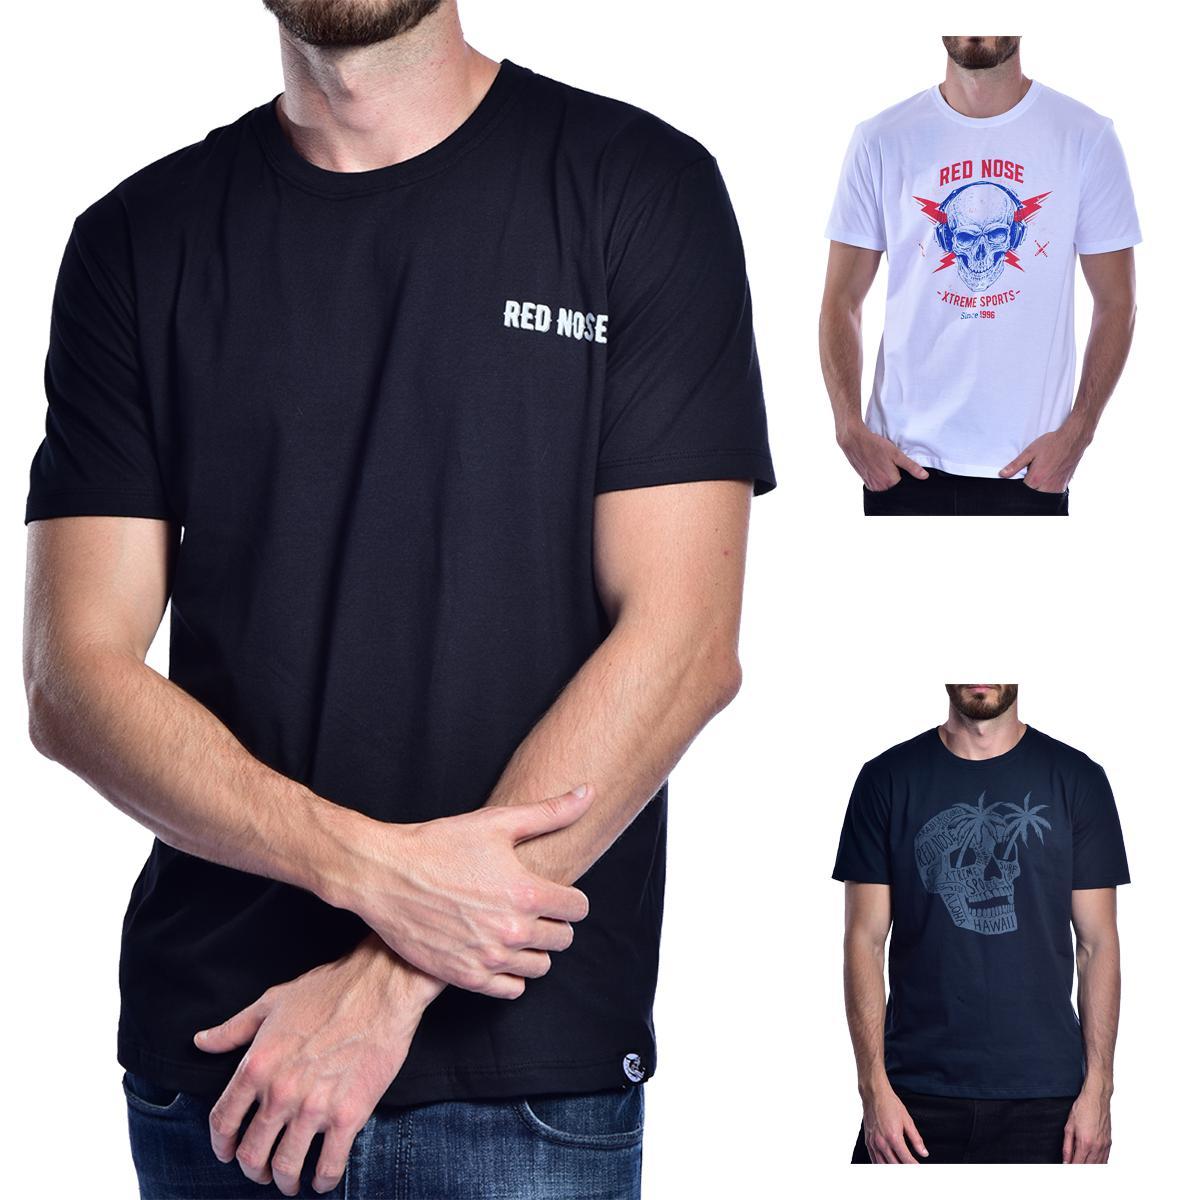 KIT 3 Camisetas Red Nose  - Preto e Branco e Azul Marinho P